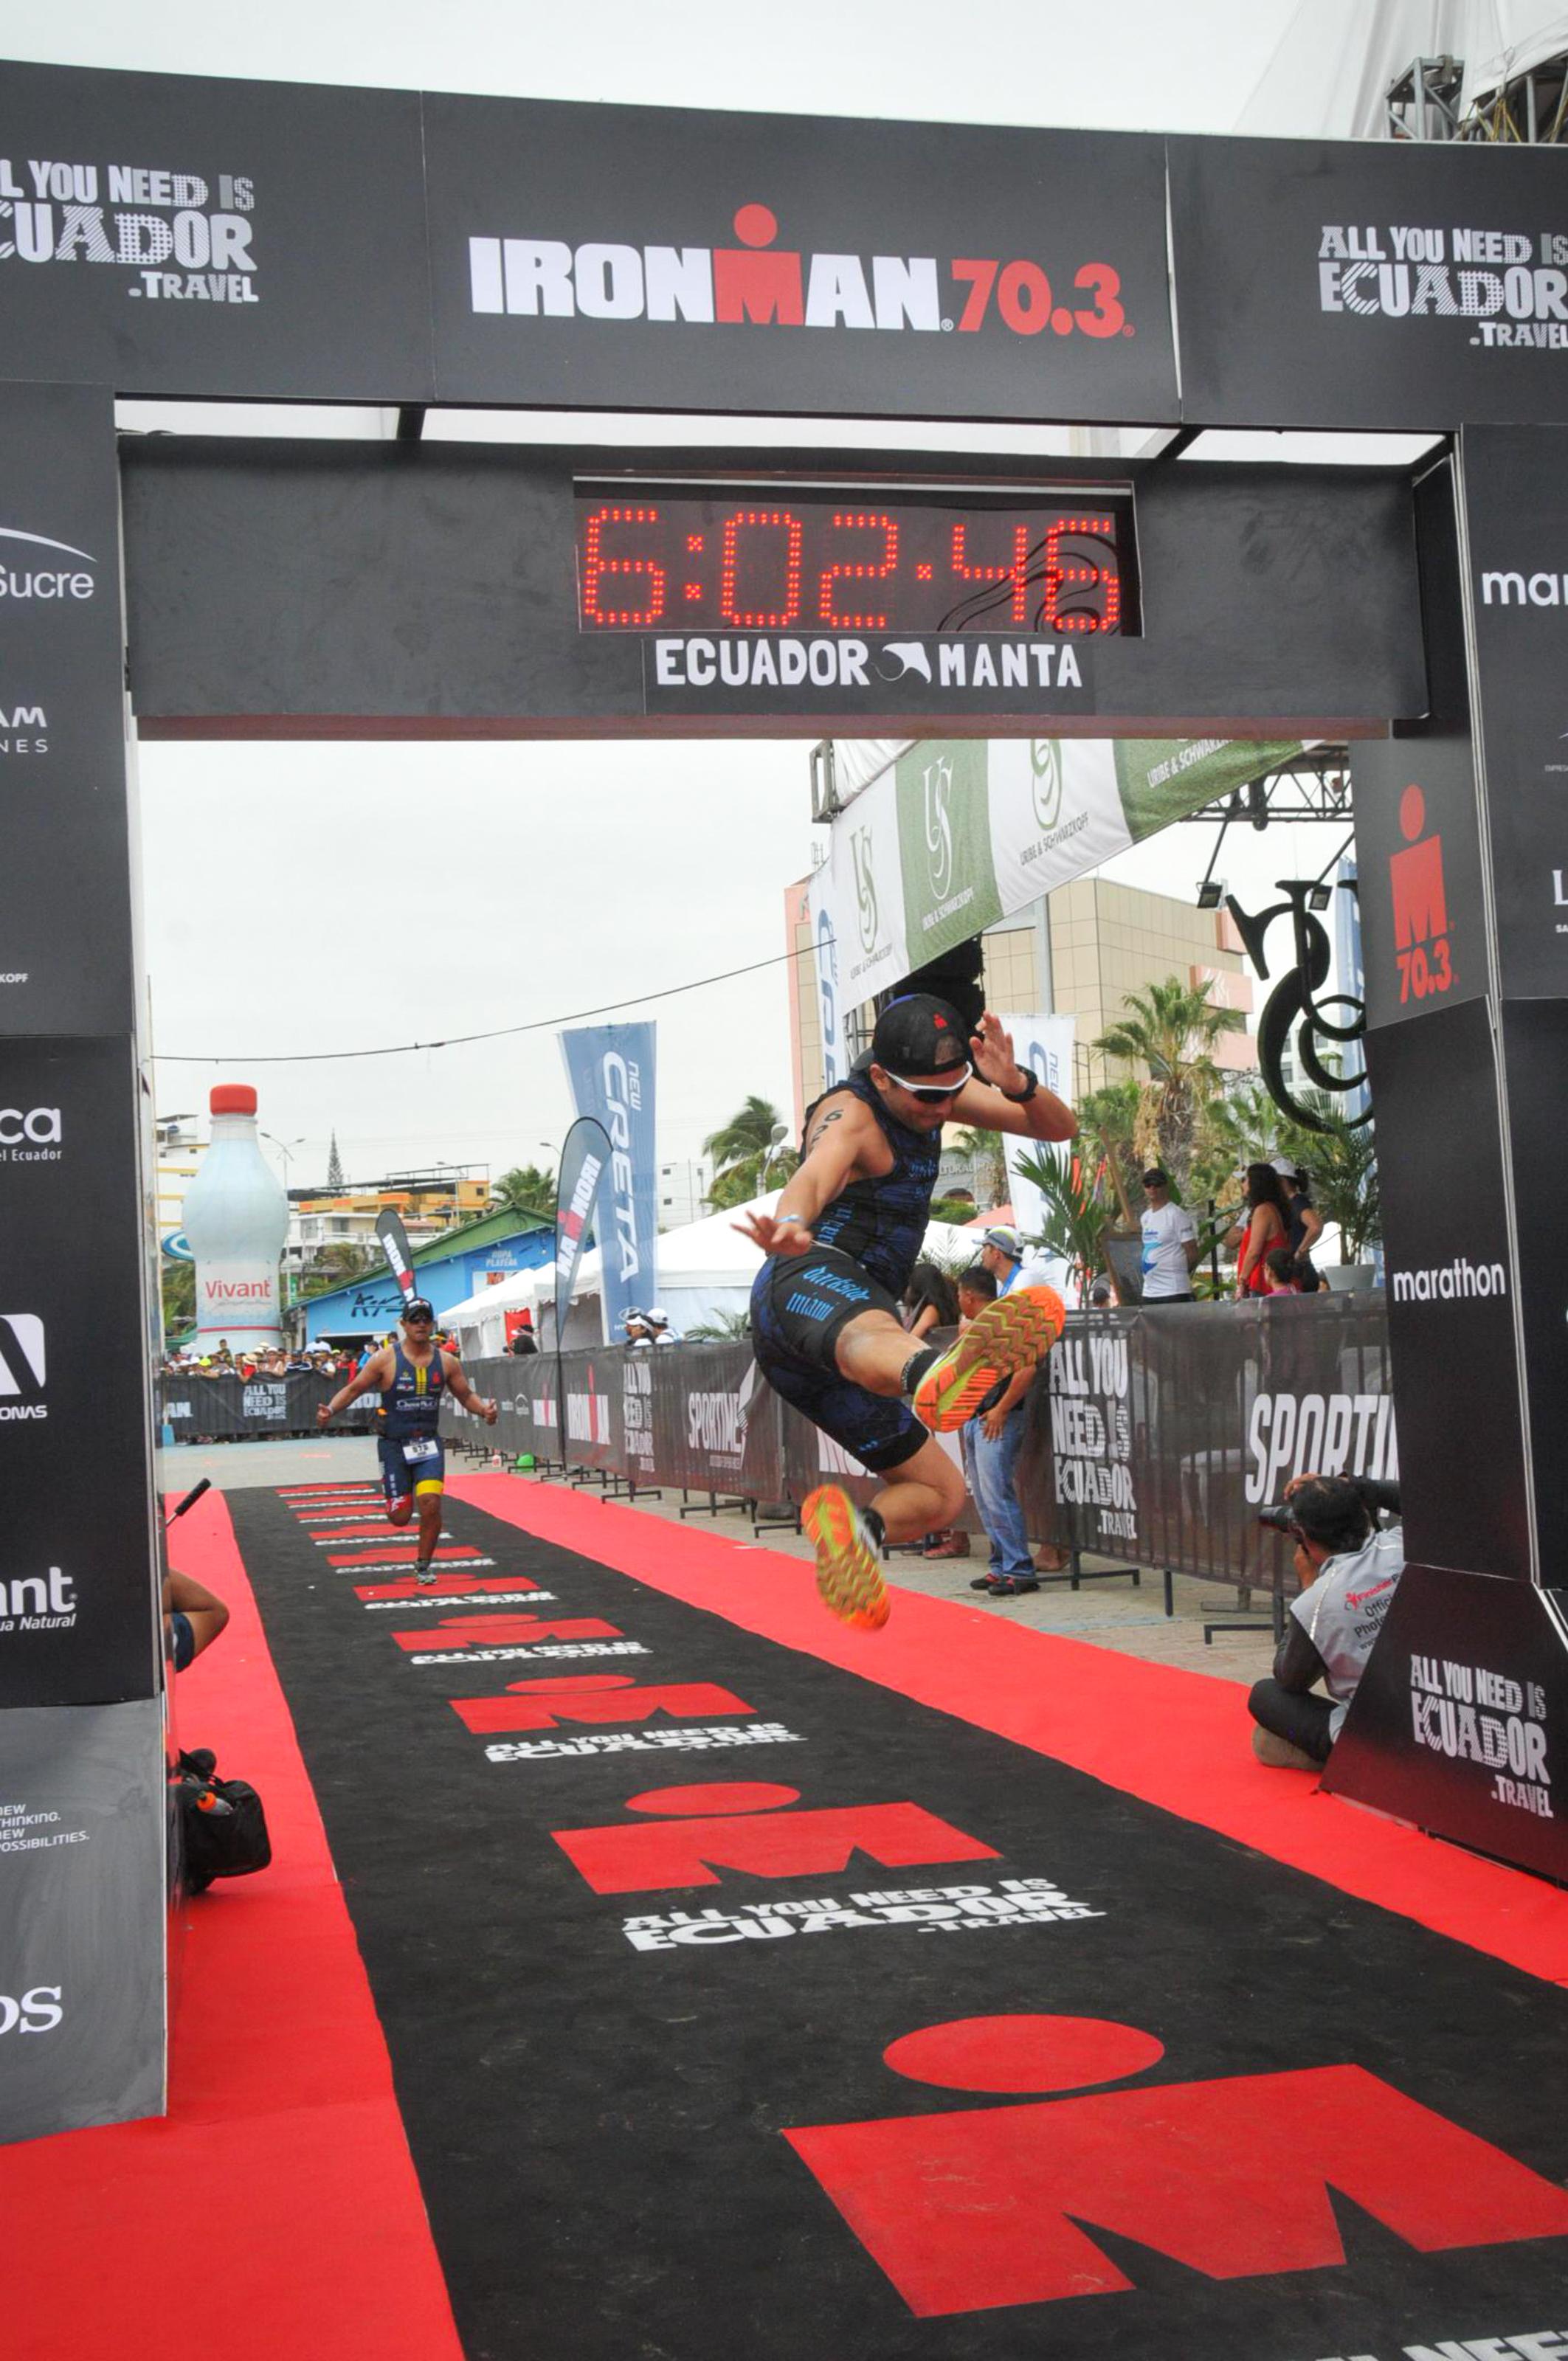 Ironman 70.3 Ecuador